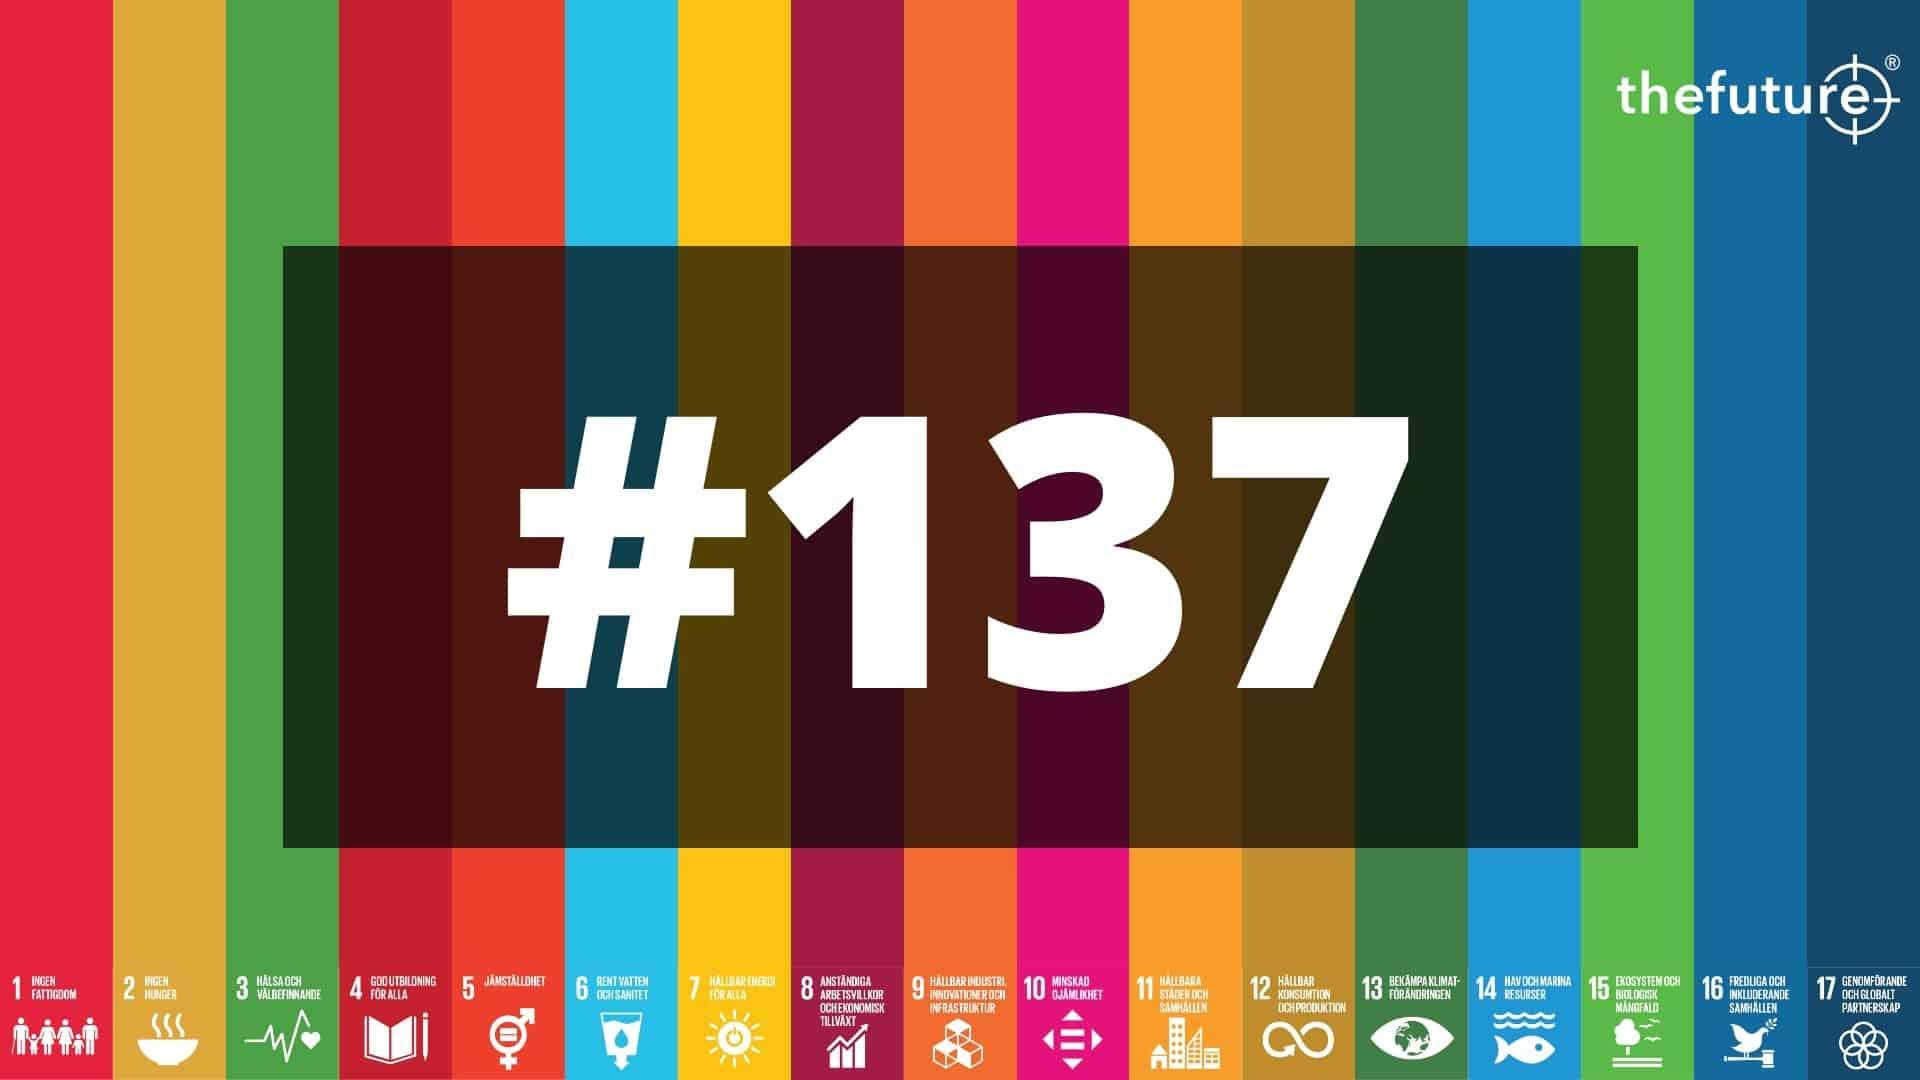 thefuture, SDG-2020-Spillover